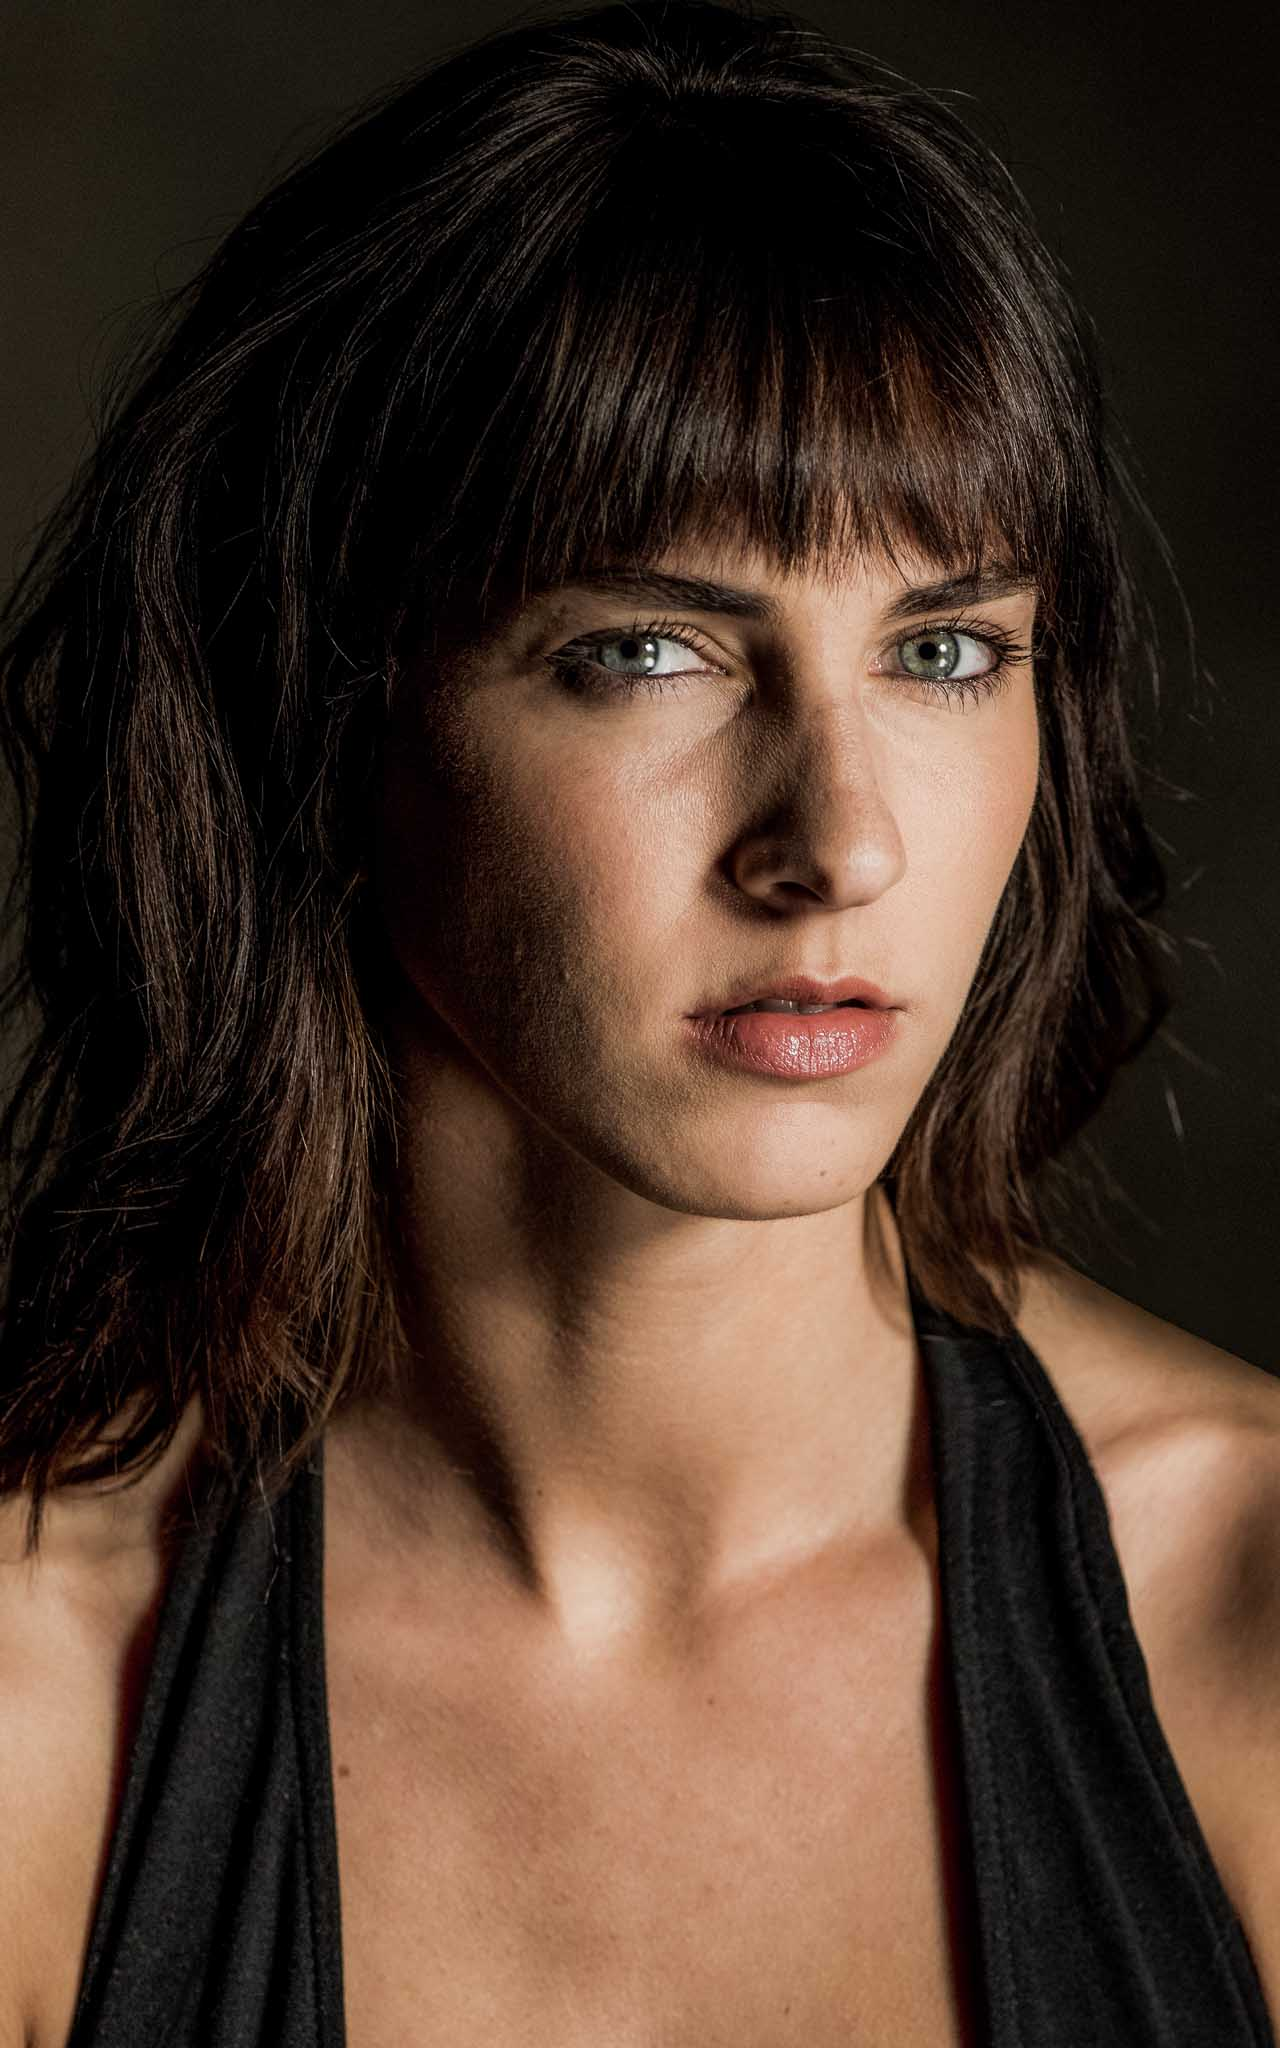 FineArt Portrait